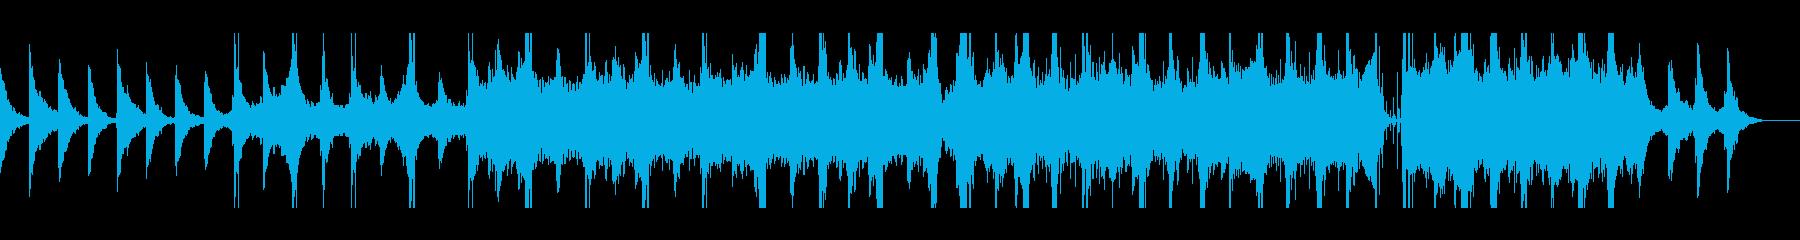 チェロのアルペジオが印象的なアンビエントの再生済みの波形